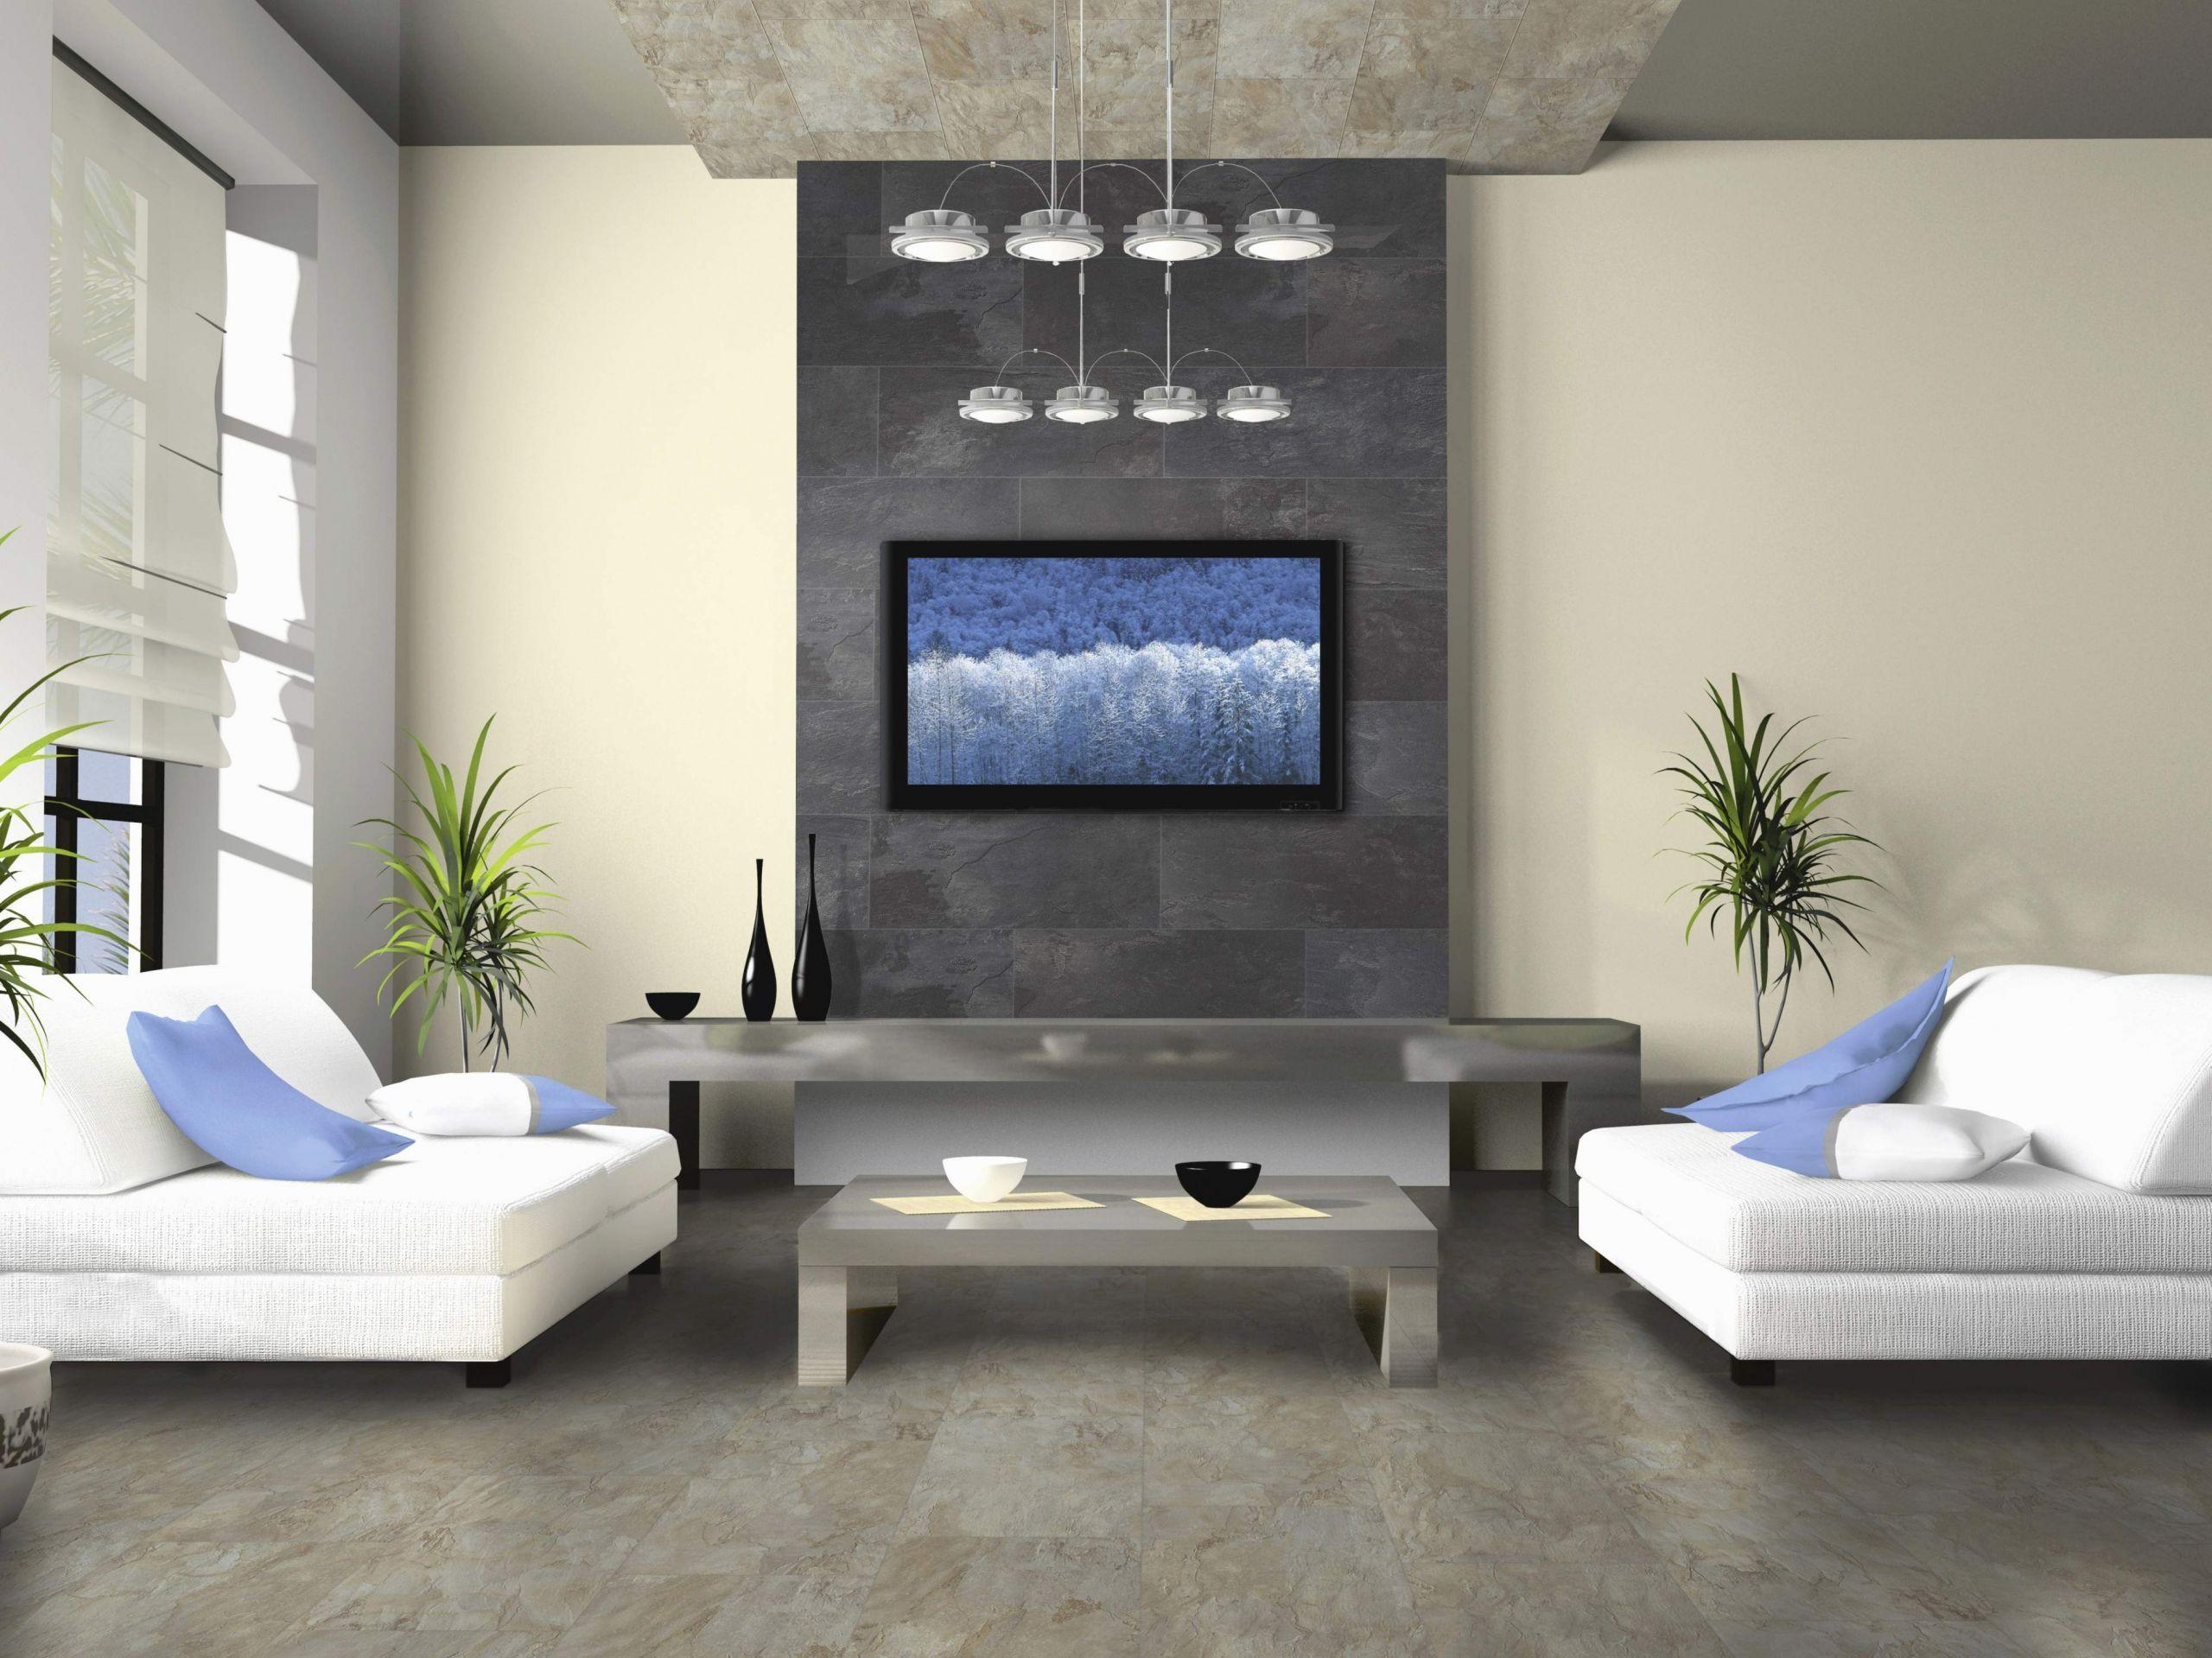 deko wohnzimmer wand genial dekoration wohnzimmer reizend wohnzimmer wand 0d of deko wohnzimmer wand